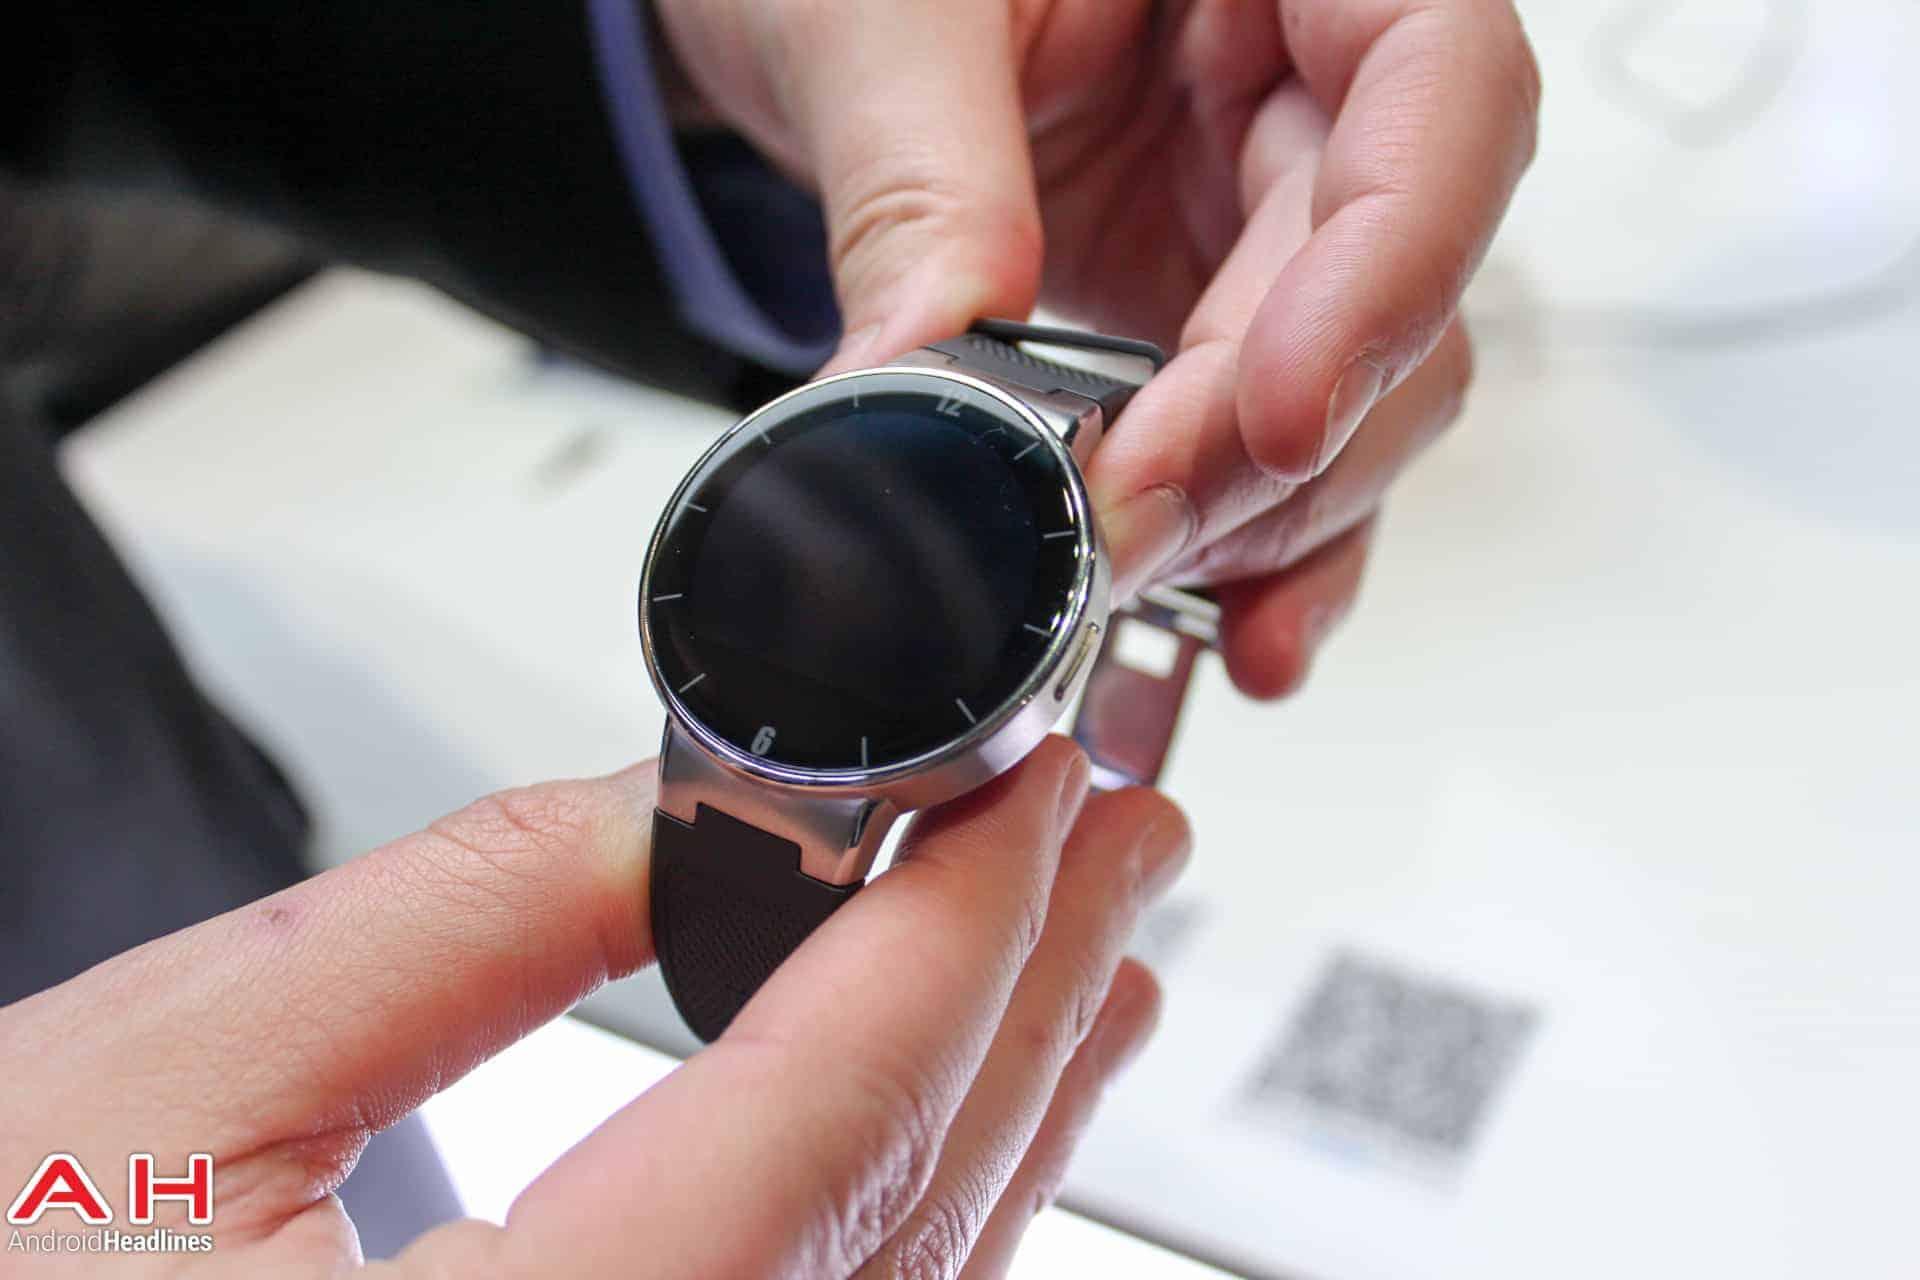 Alcatel Watch AH 5